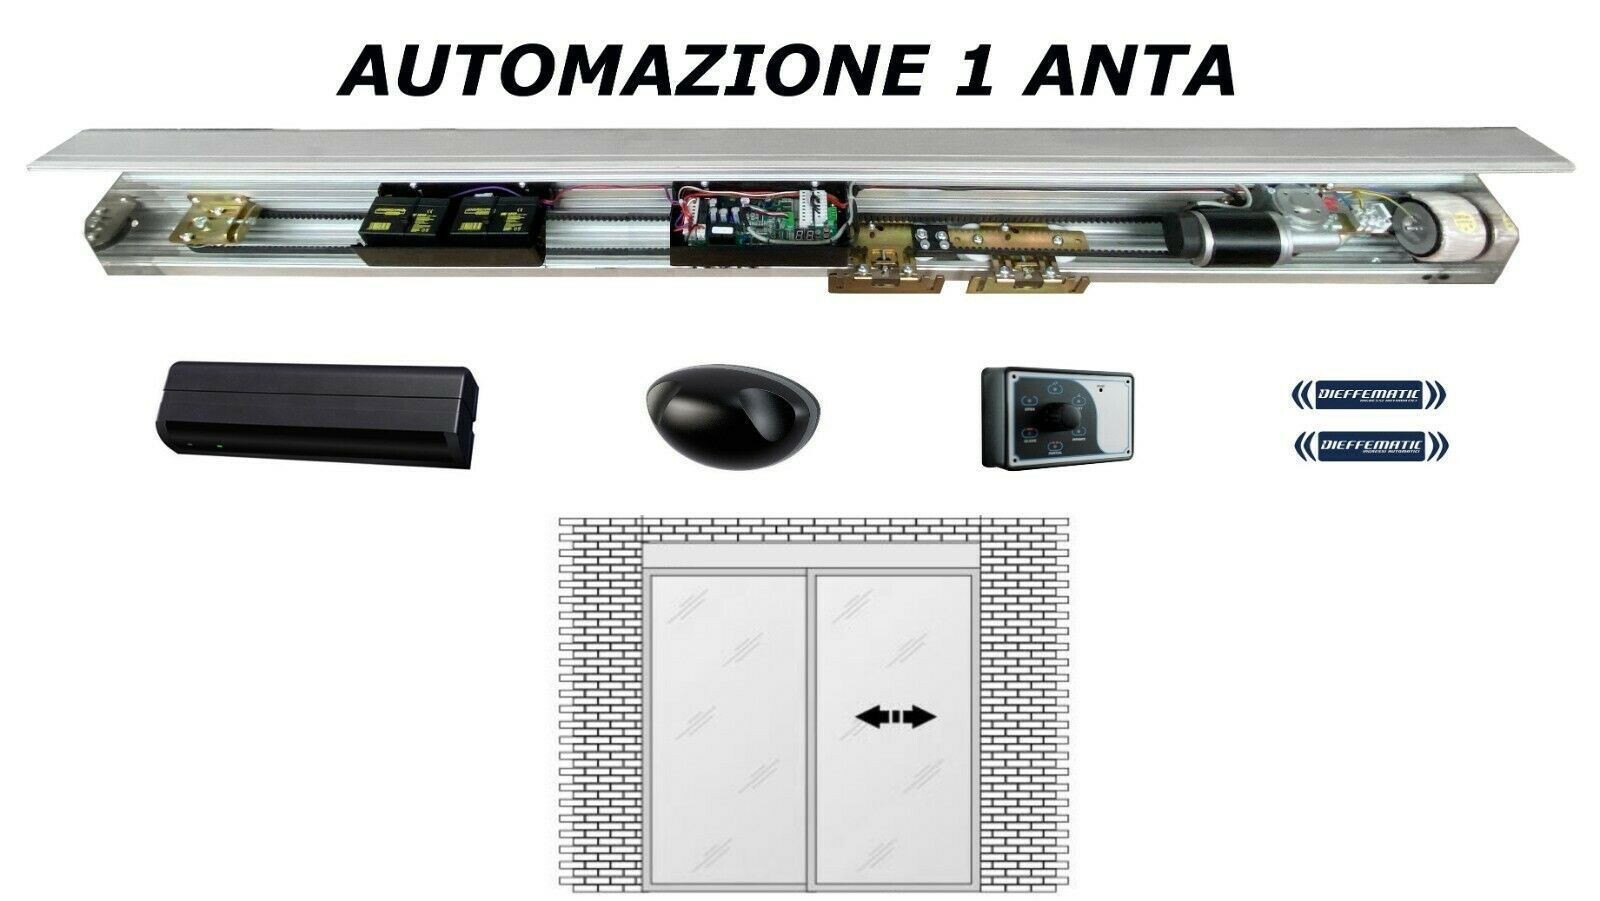 PORTA AUTOMATICA SCORREVOLE 1 ANTA COMPLETA DI ACCESSORI INGRESSO AUTOMATICO 24V